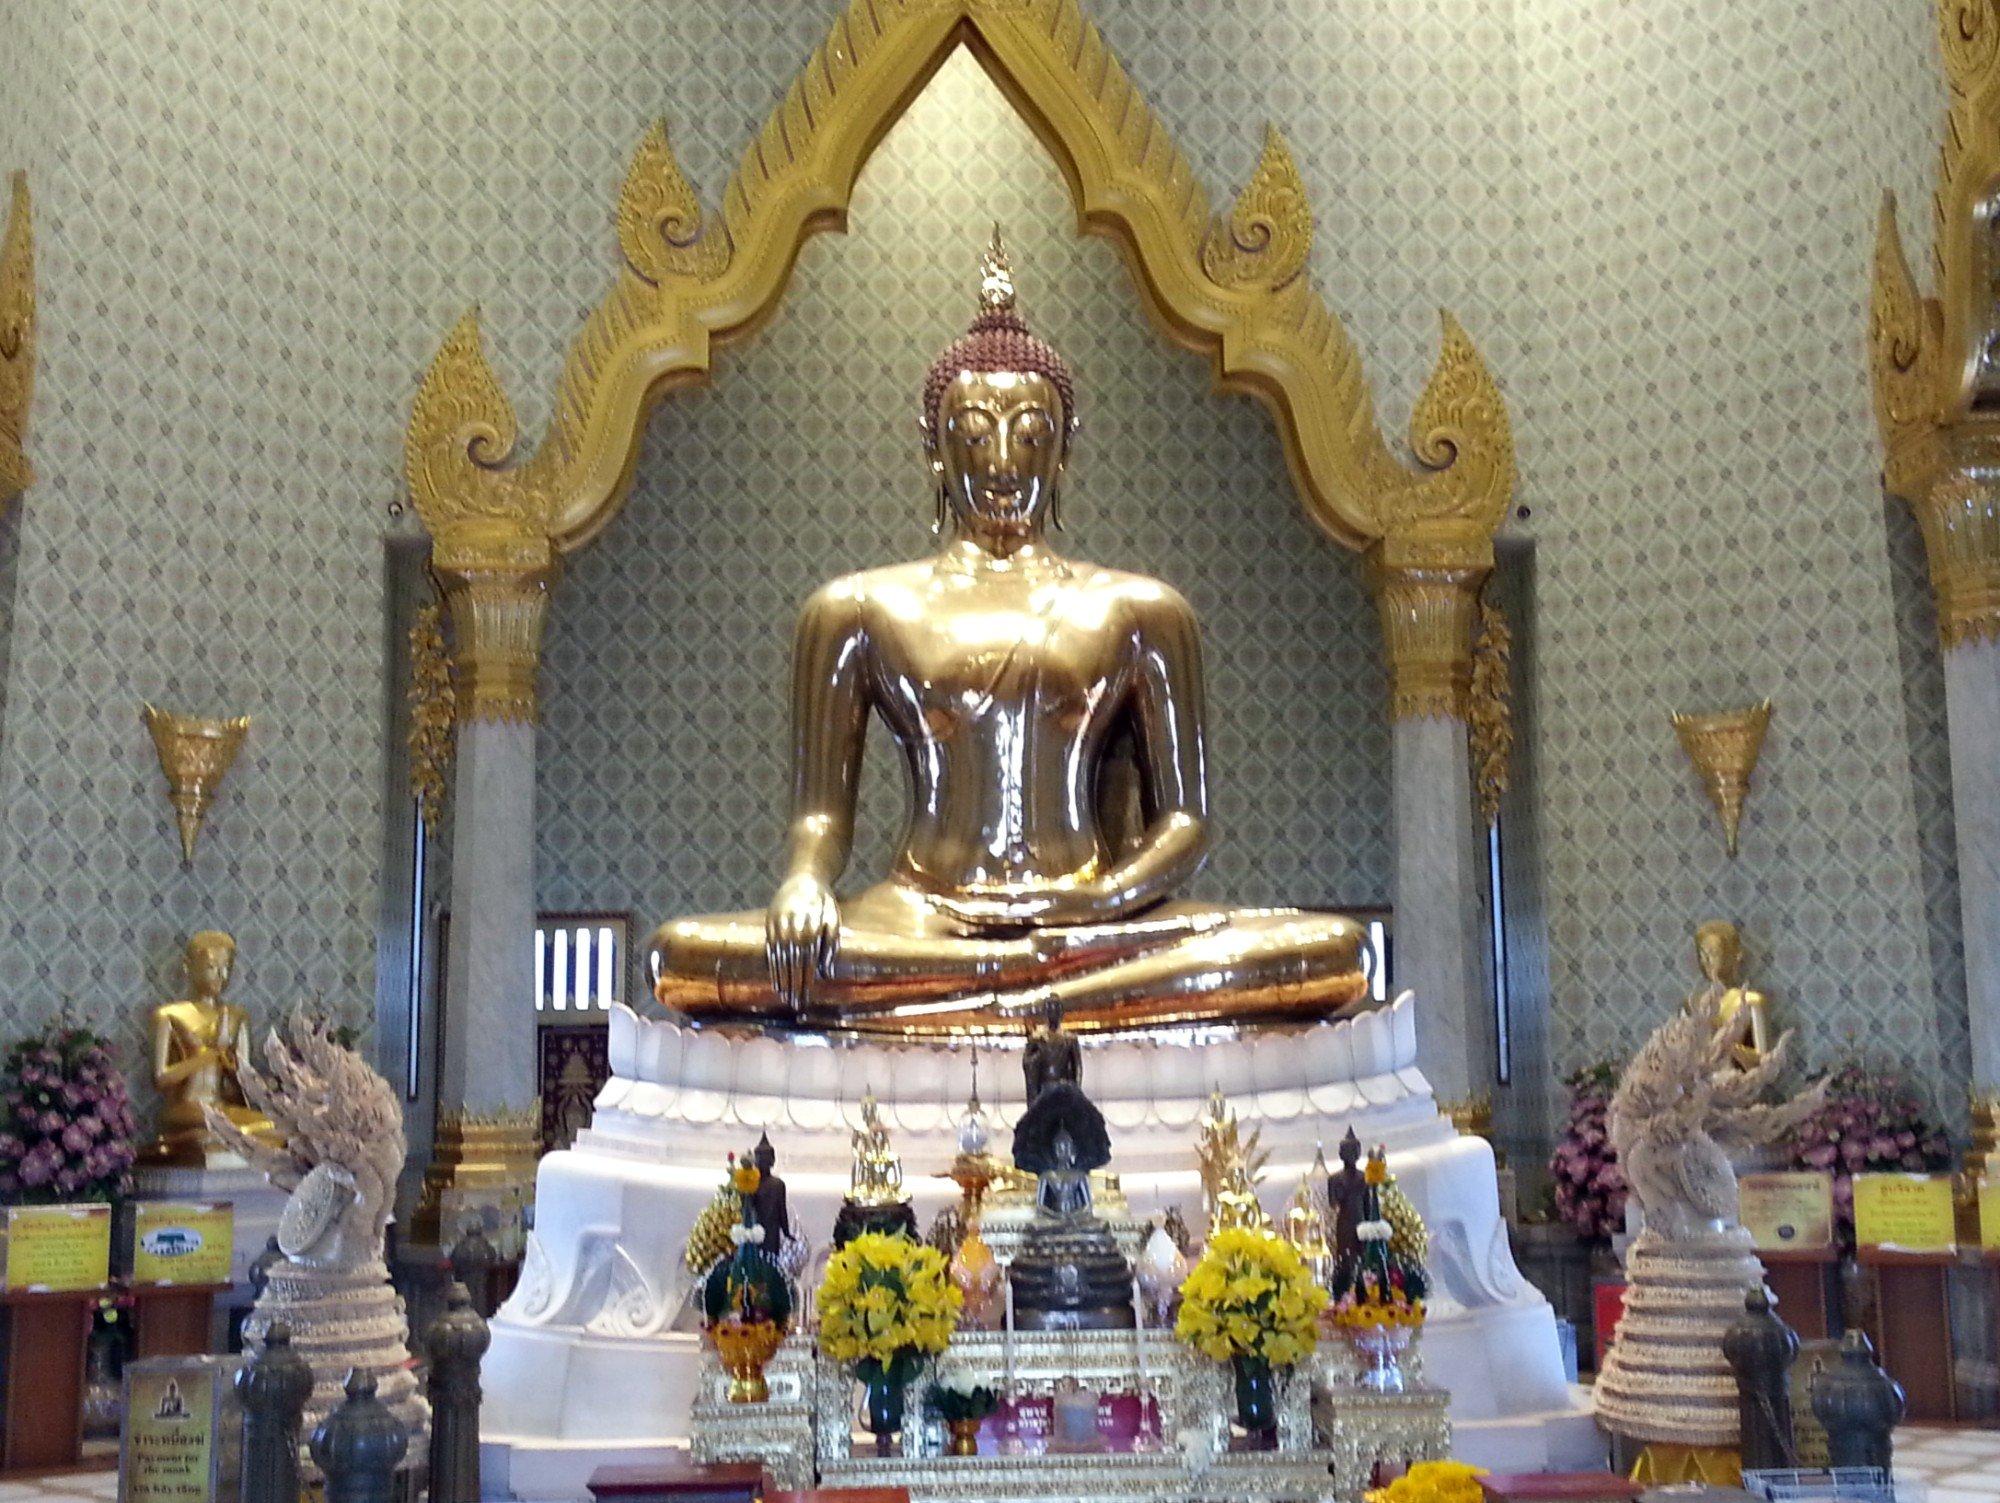 Phra Phuttha Maha Suwan Patimakon at Wat Traimit